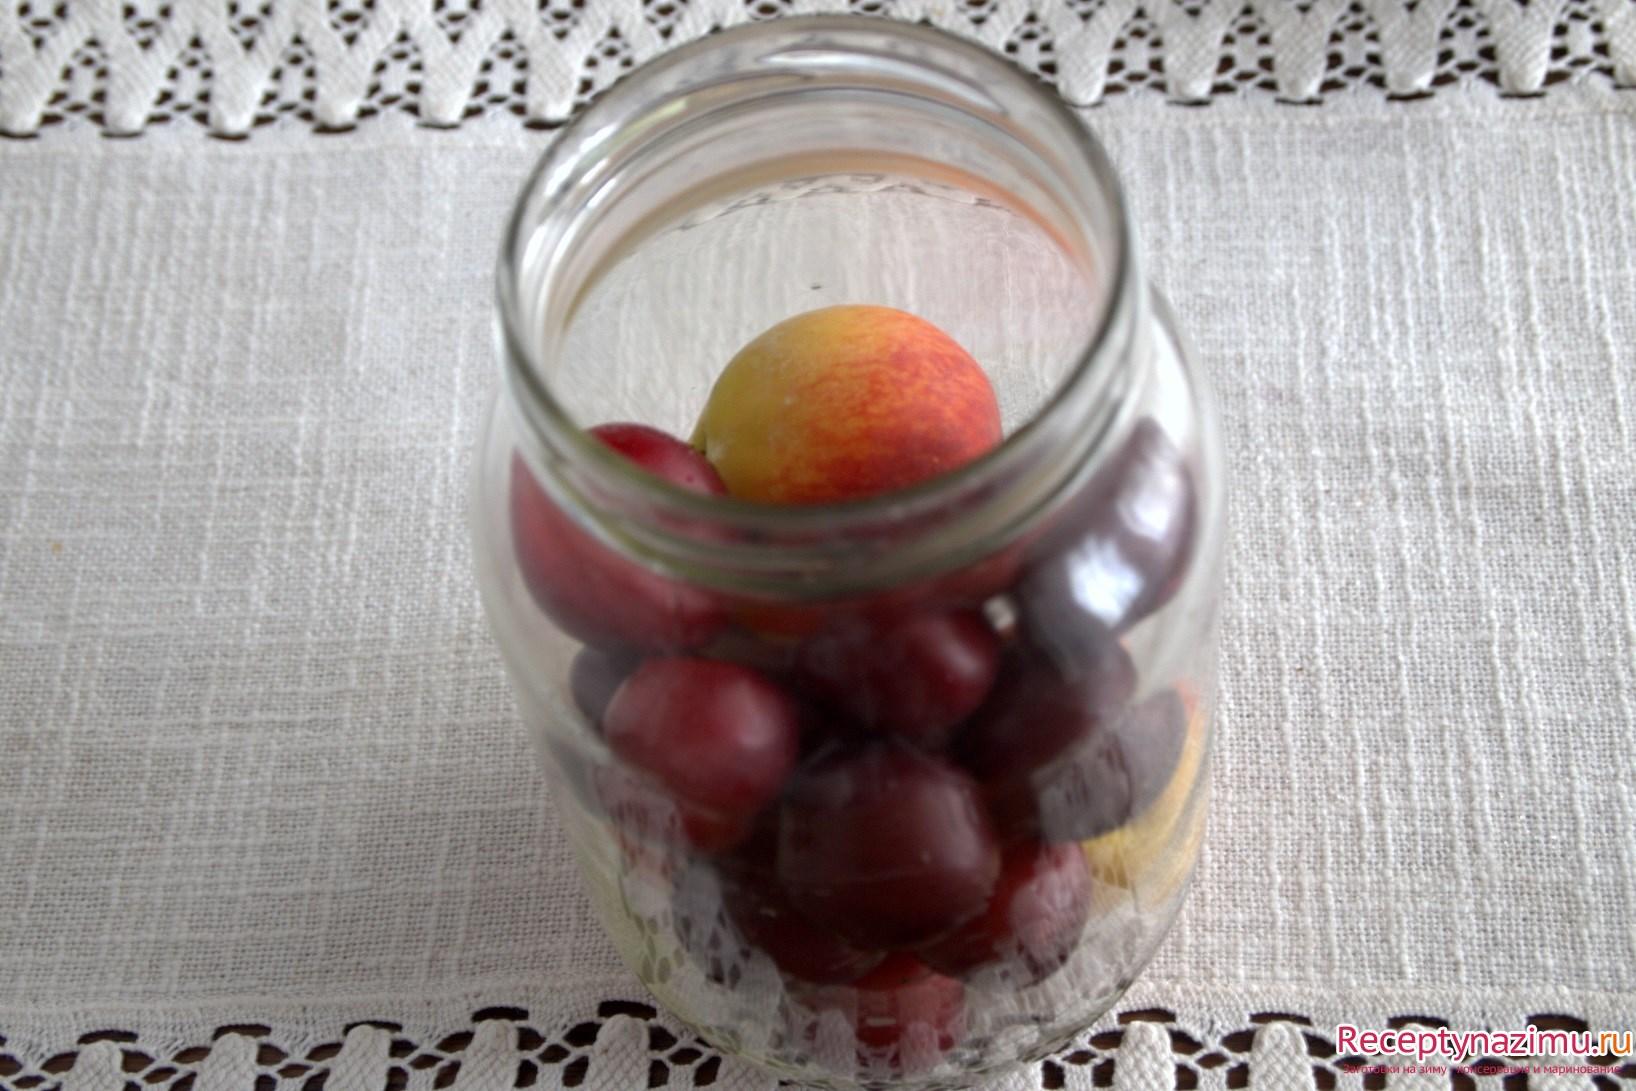 Мои рецепты Наливка из персиков в домашних условиях рецепт 98